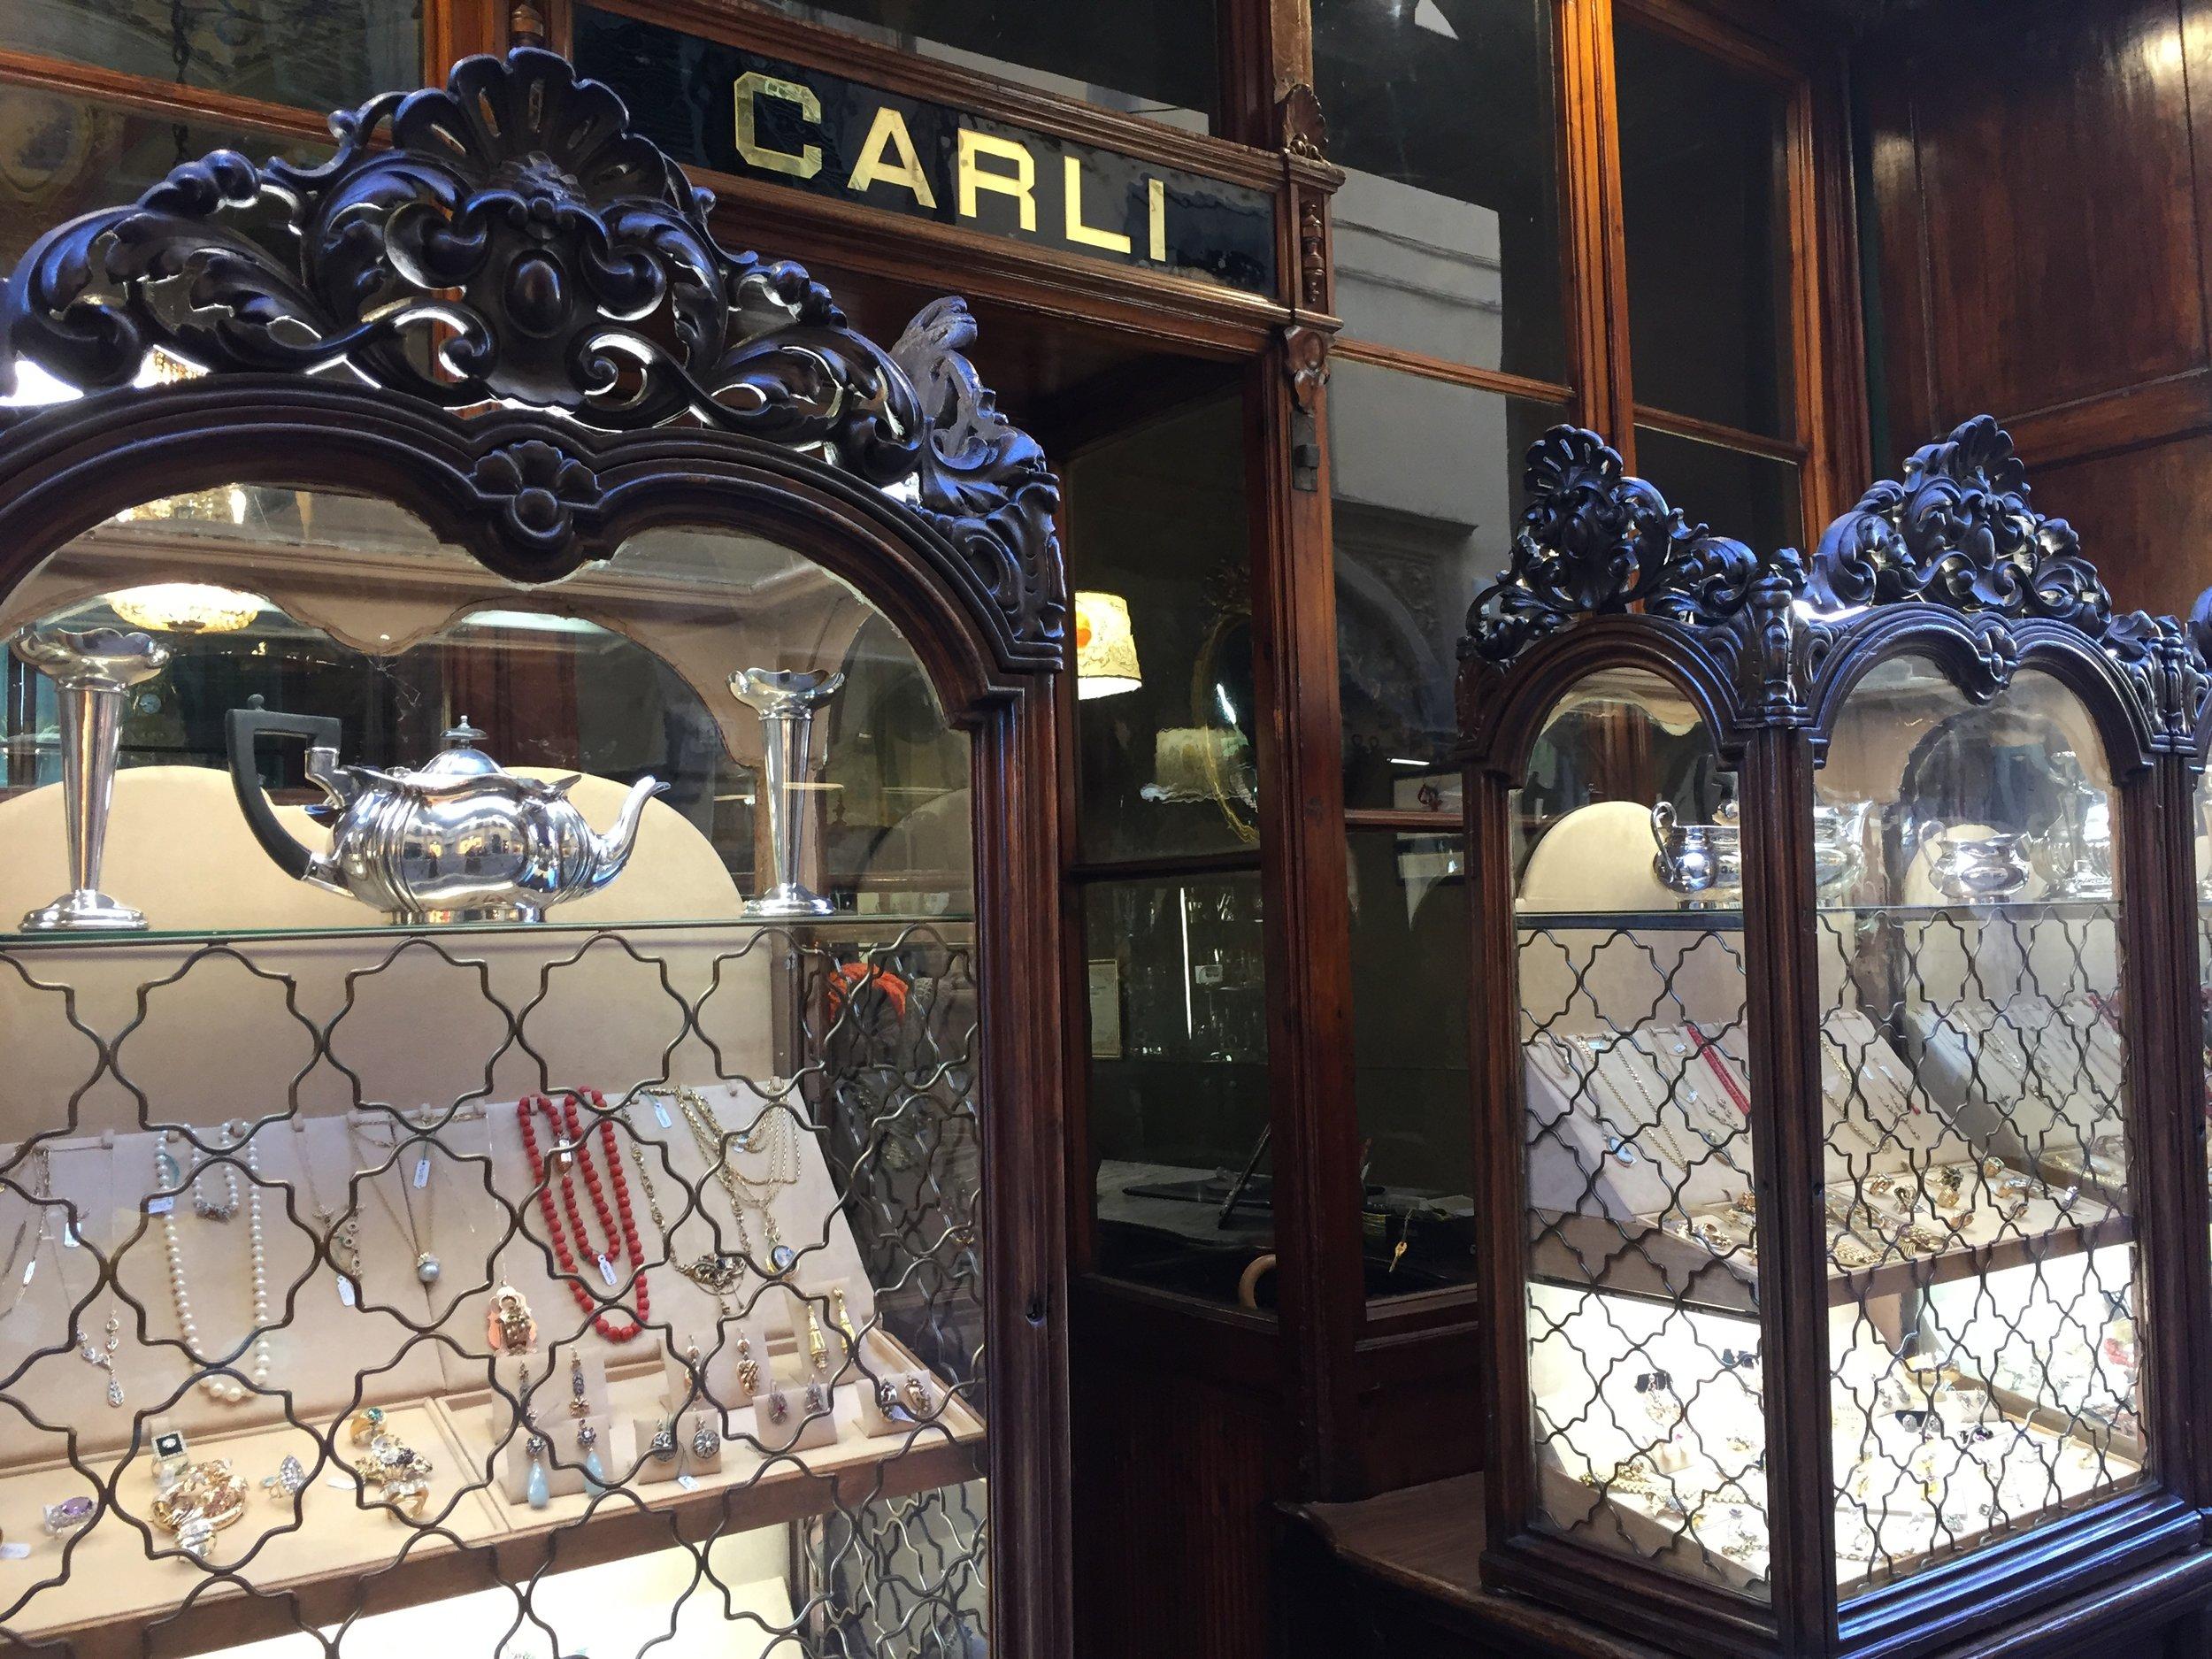 Carli 1.jpg